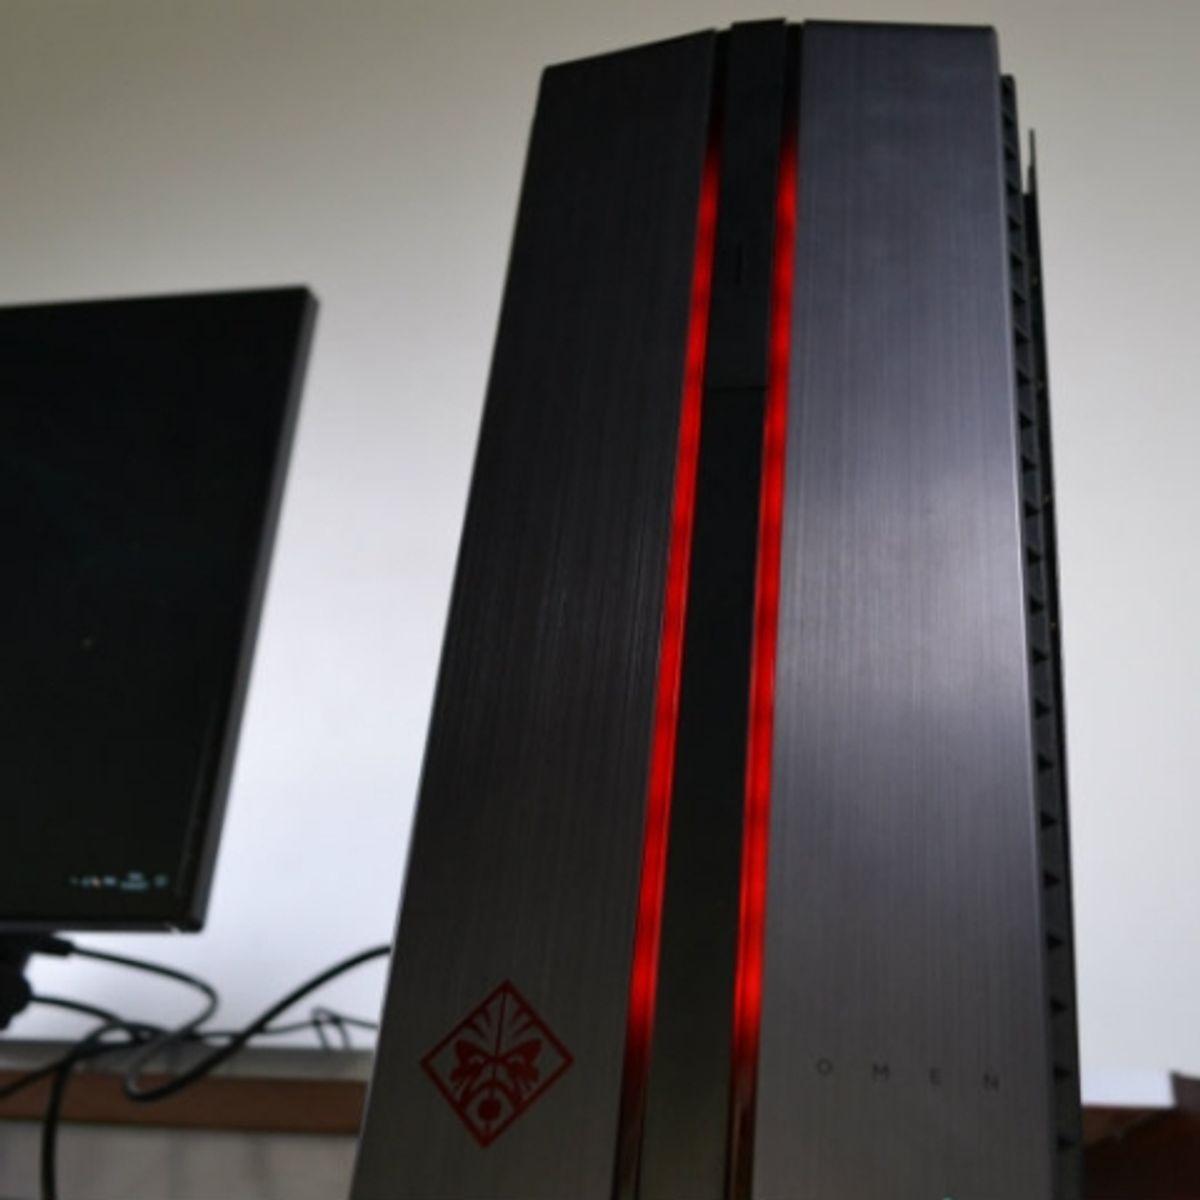 HP Omen 870-260In Desktop PC Review